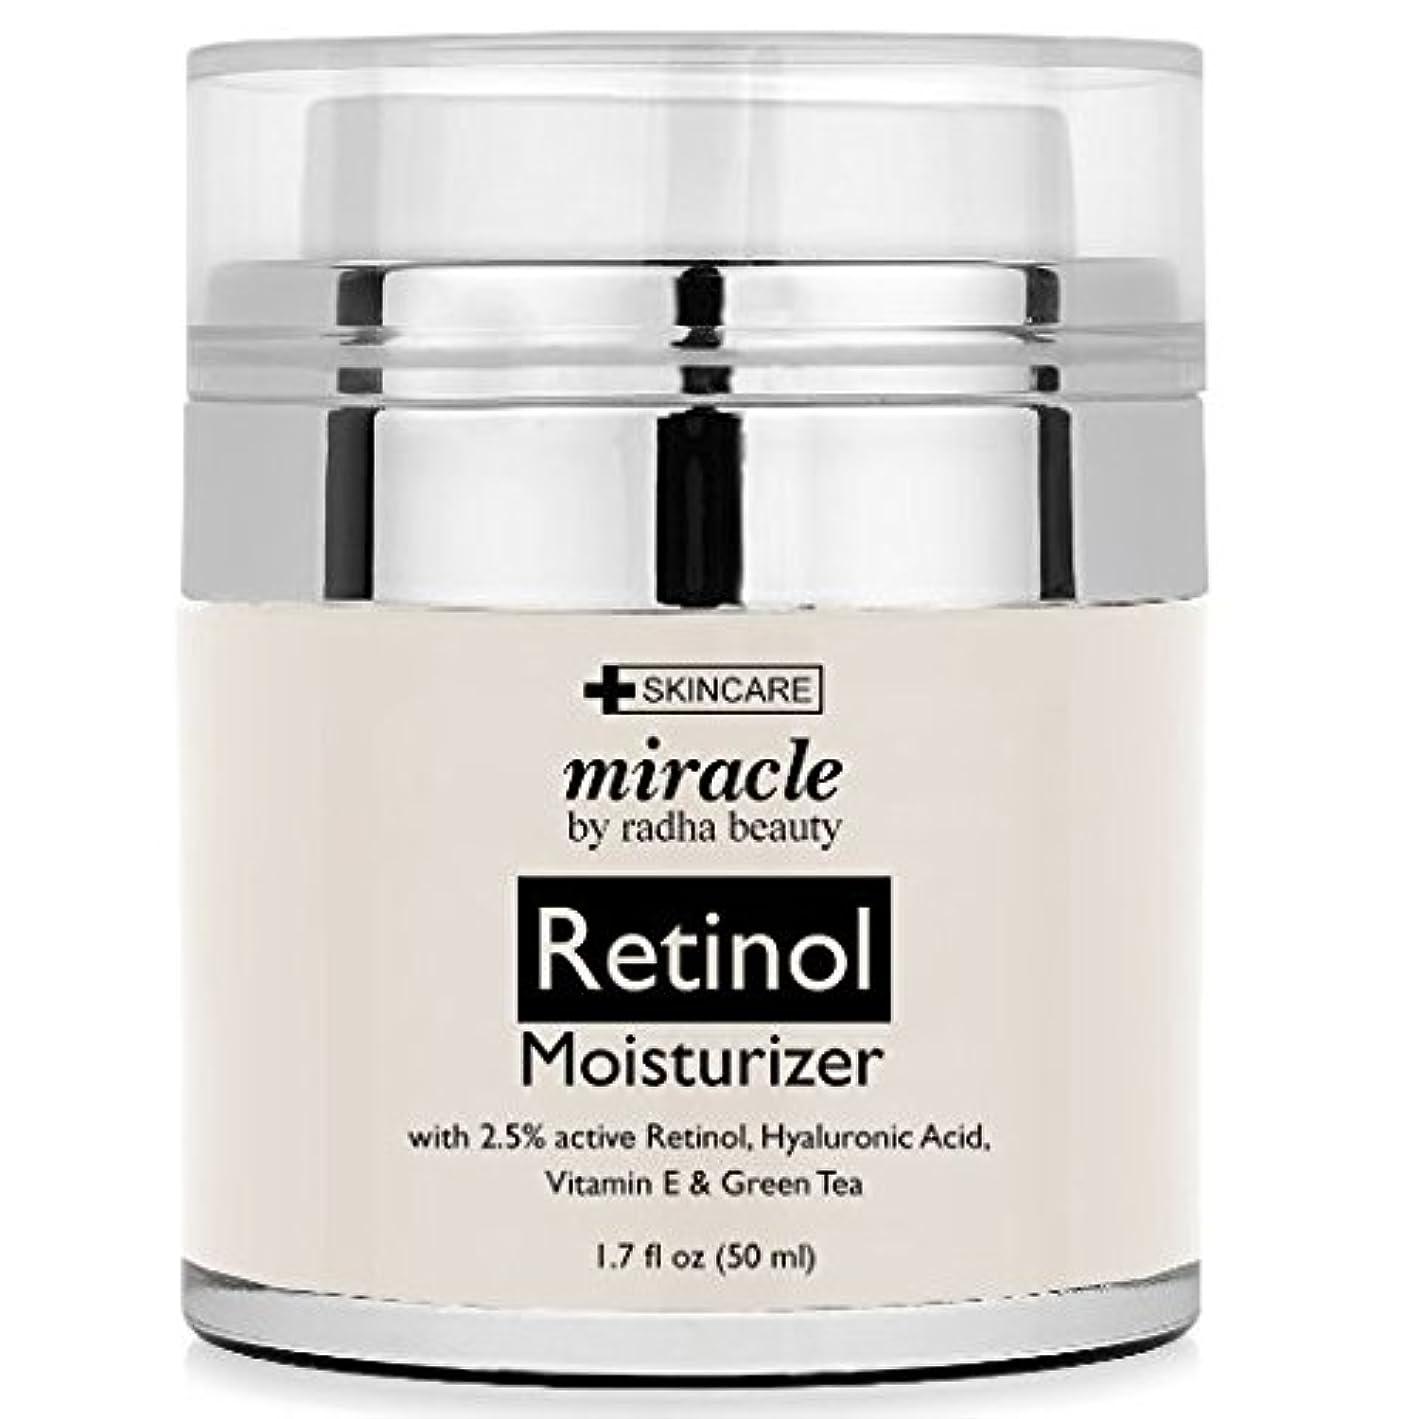 単位研磨ピクニックレチノール 保湿クリーム Retinol Moisturizer Cream for Face - With Retinol, Hyaluronic Acid, Tea Tree Oil and Jojoba Oil、 ...